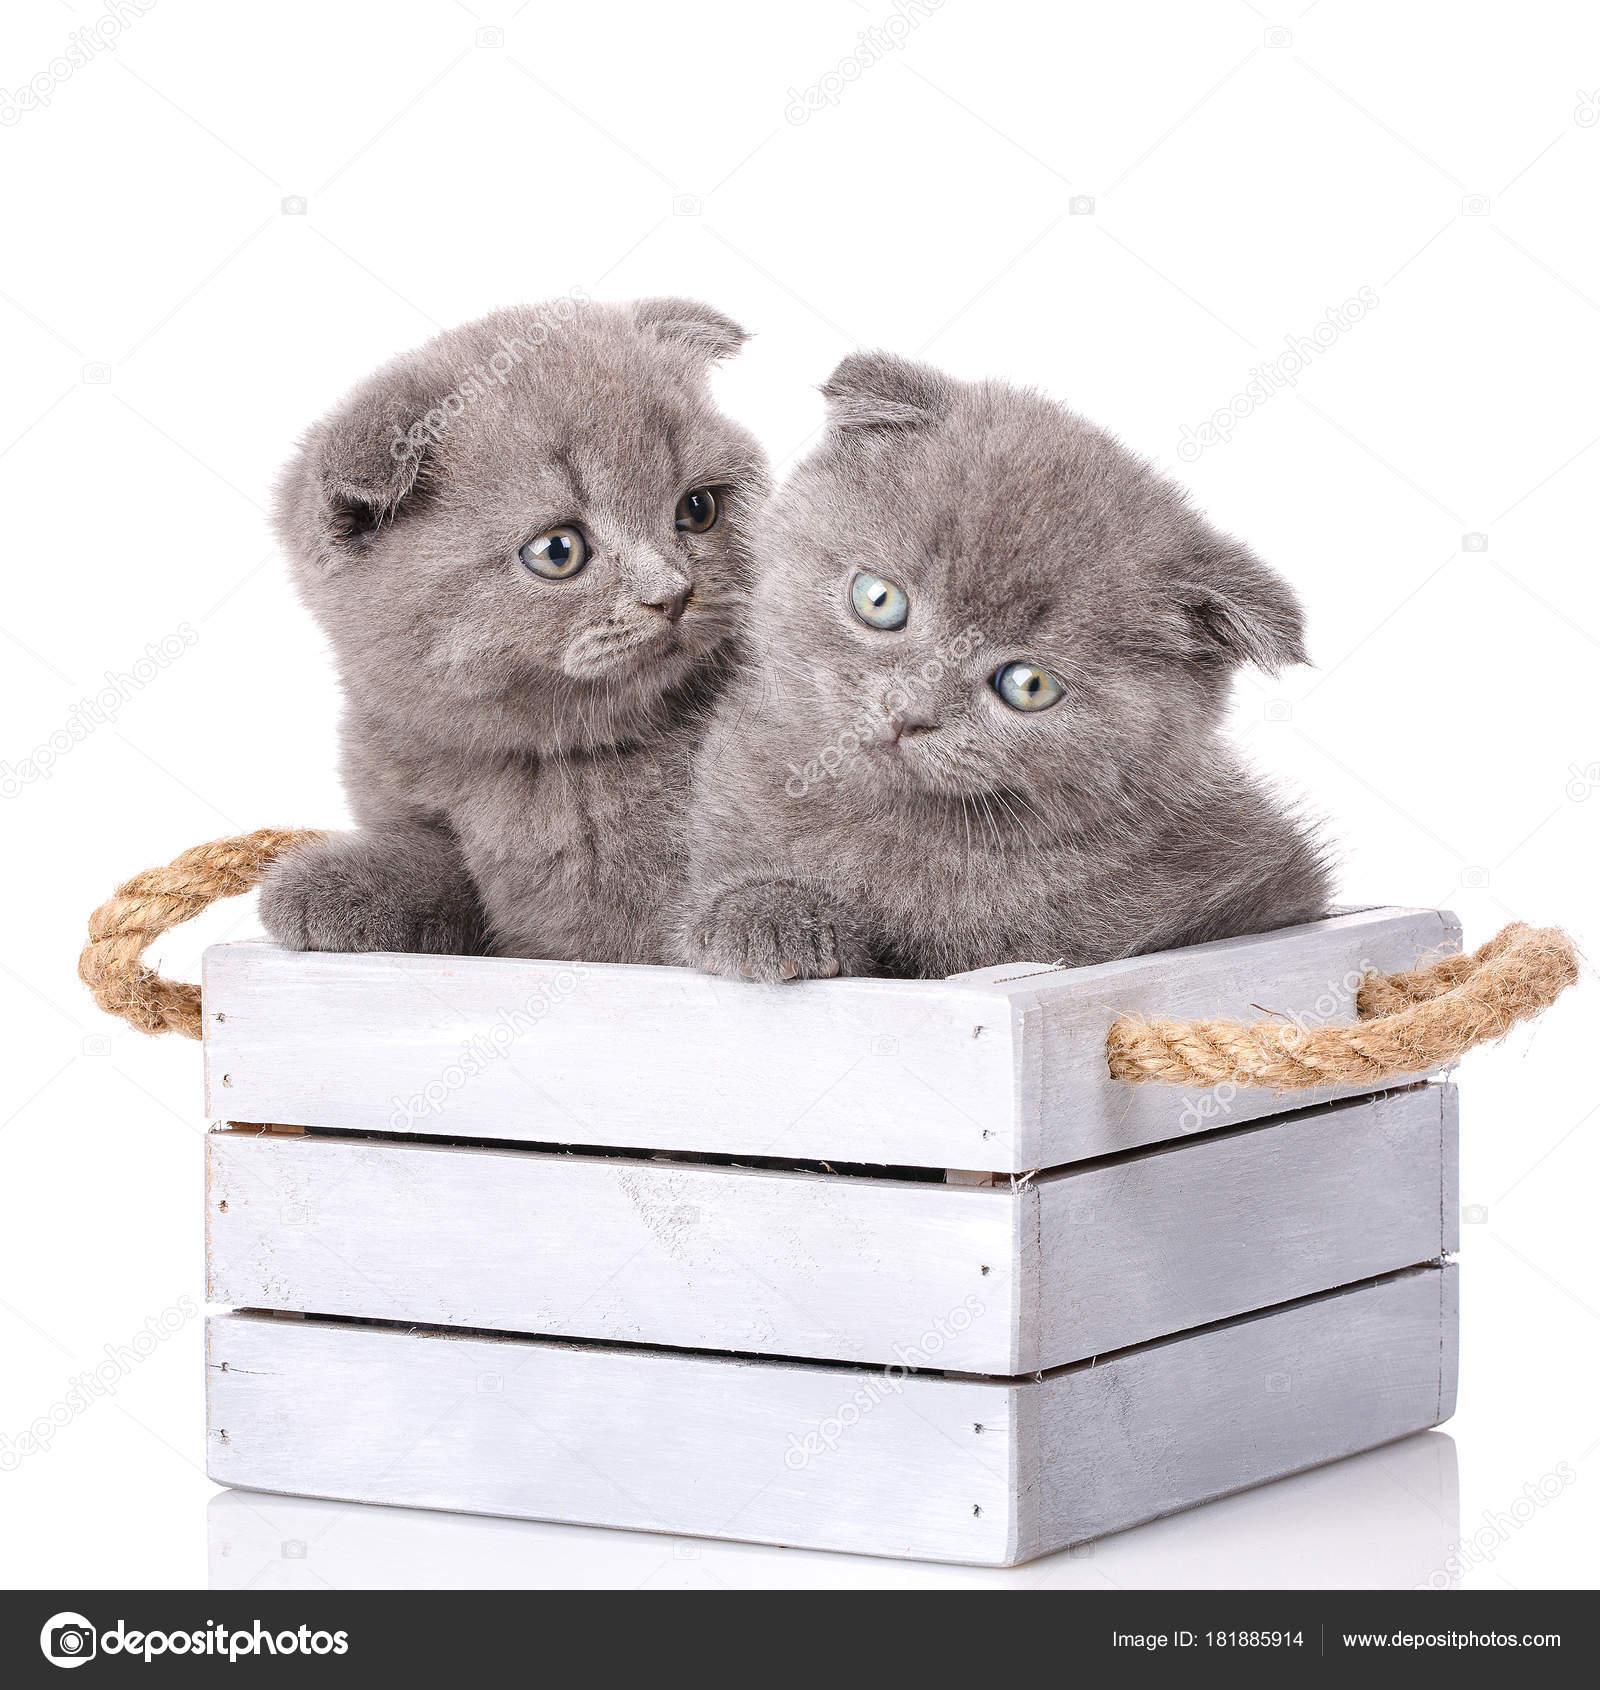 černá a bílá dospívající kočička bbw lesbický obrázek